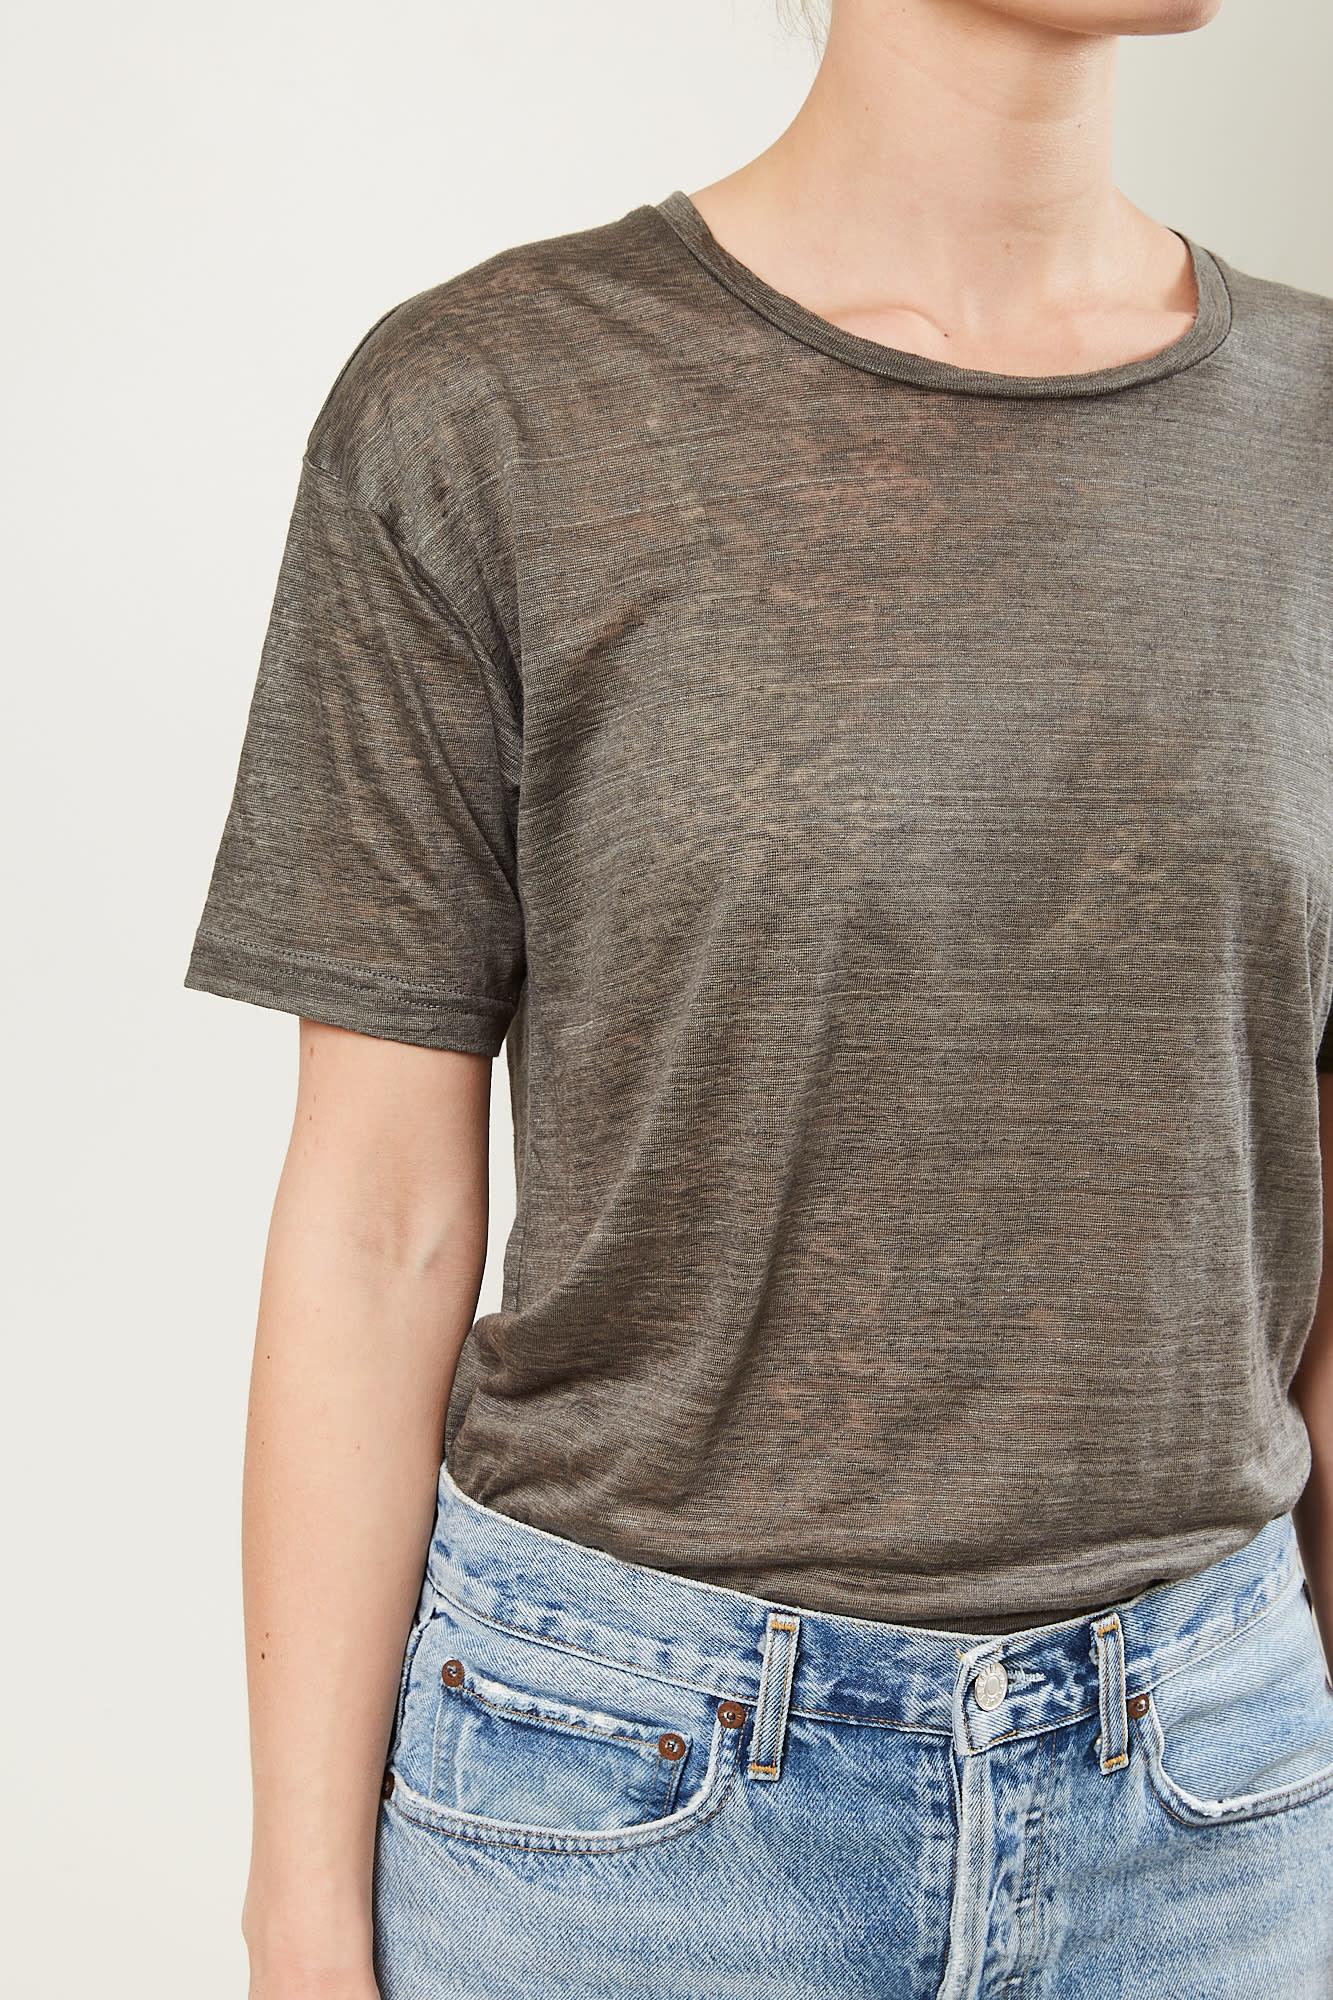 Isabel Marant - madjo tee shirt taupe